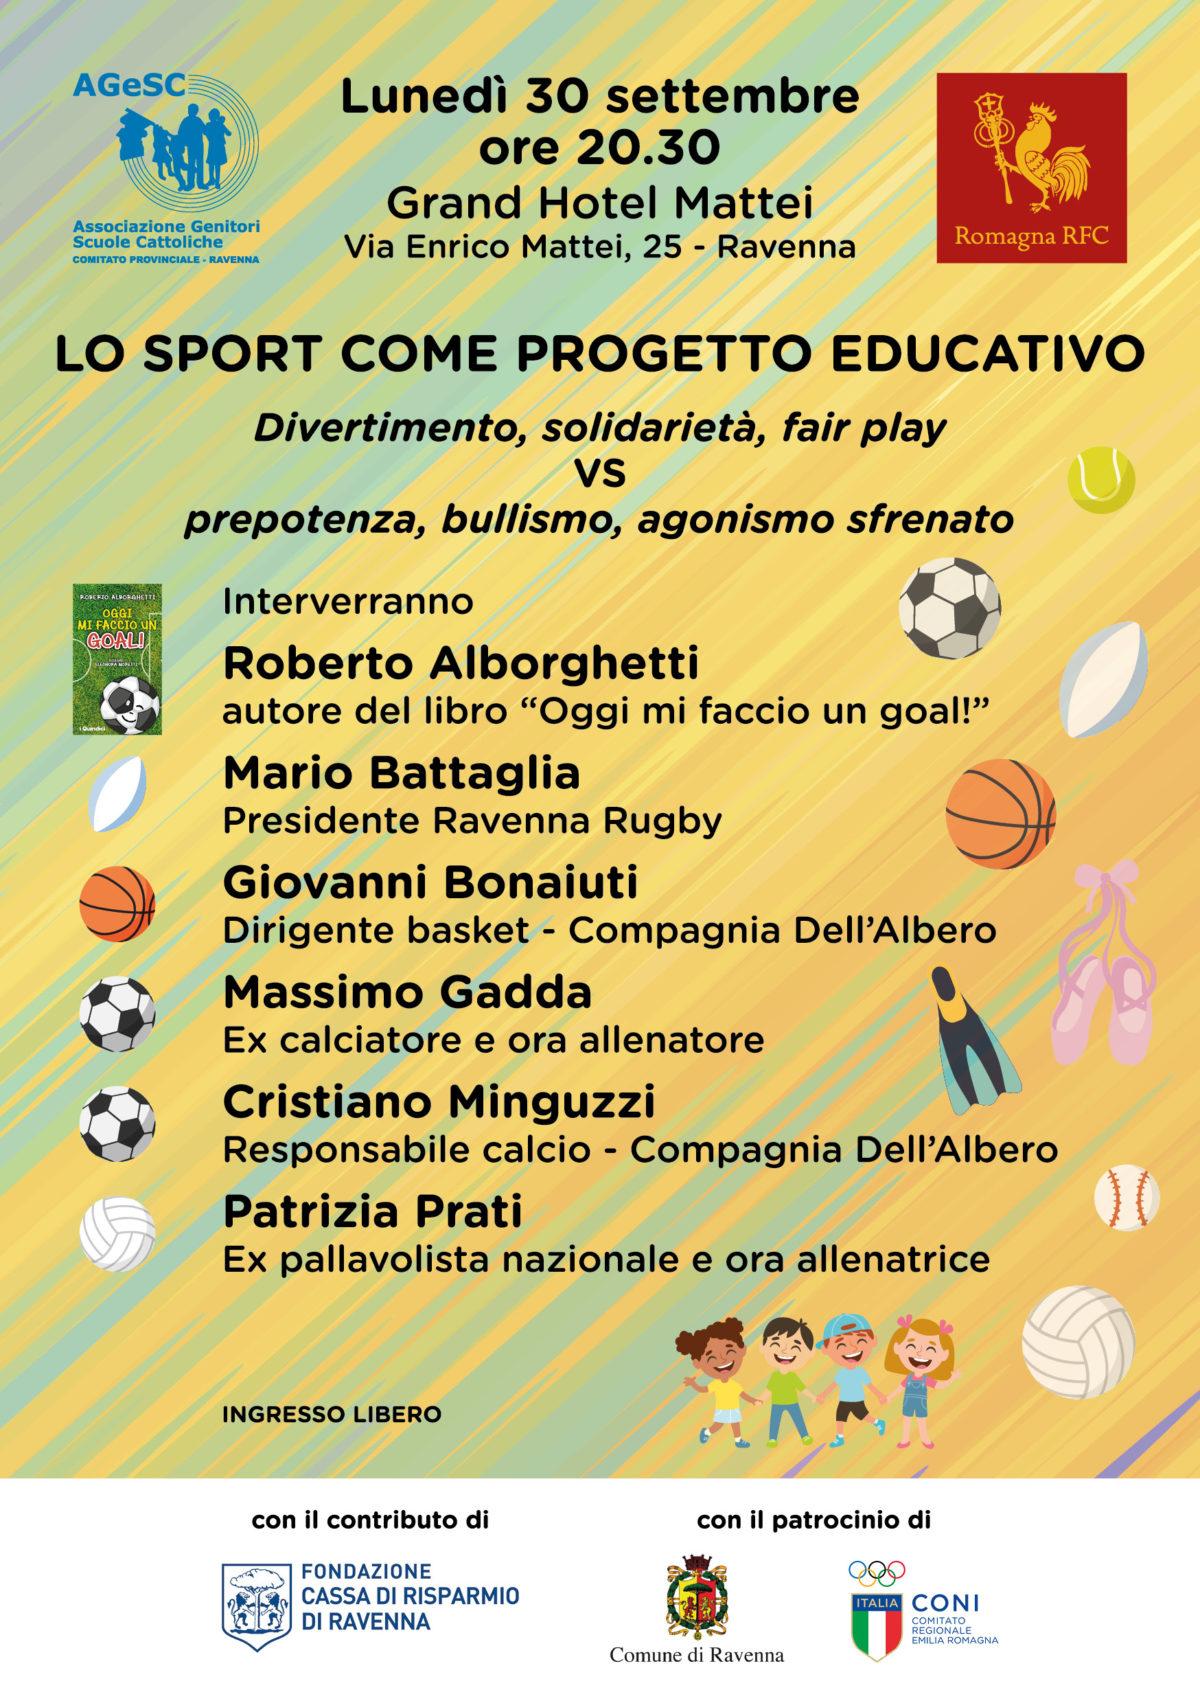 Lo sport come progetto educativo, il 30 settembre incontro a Ravenna